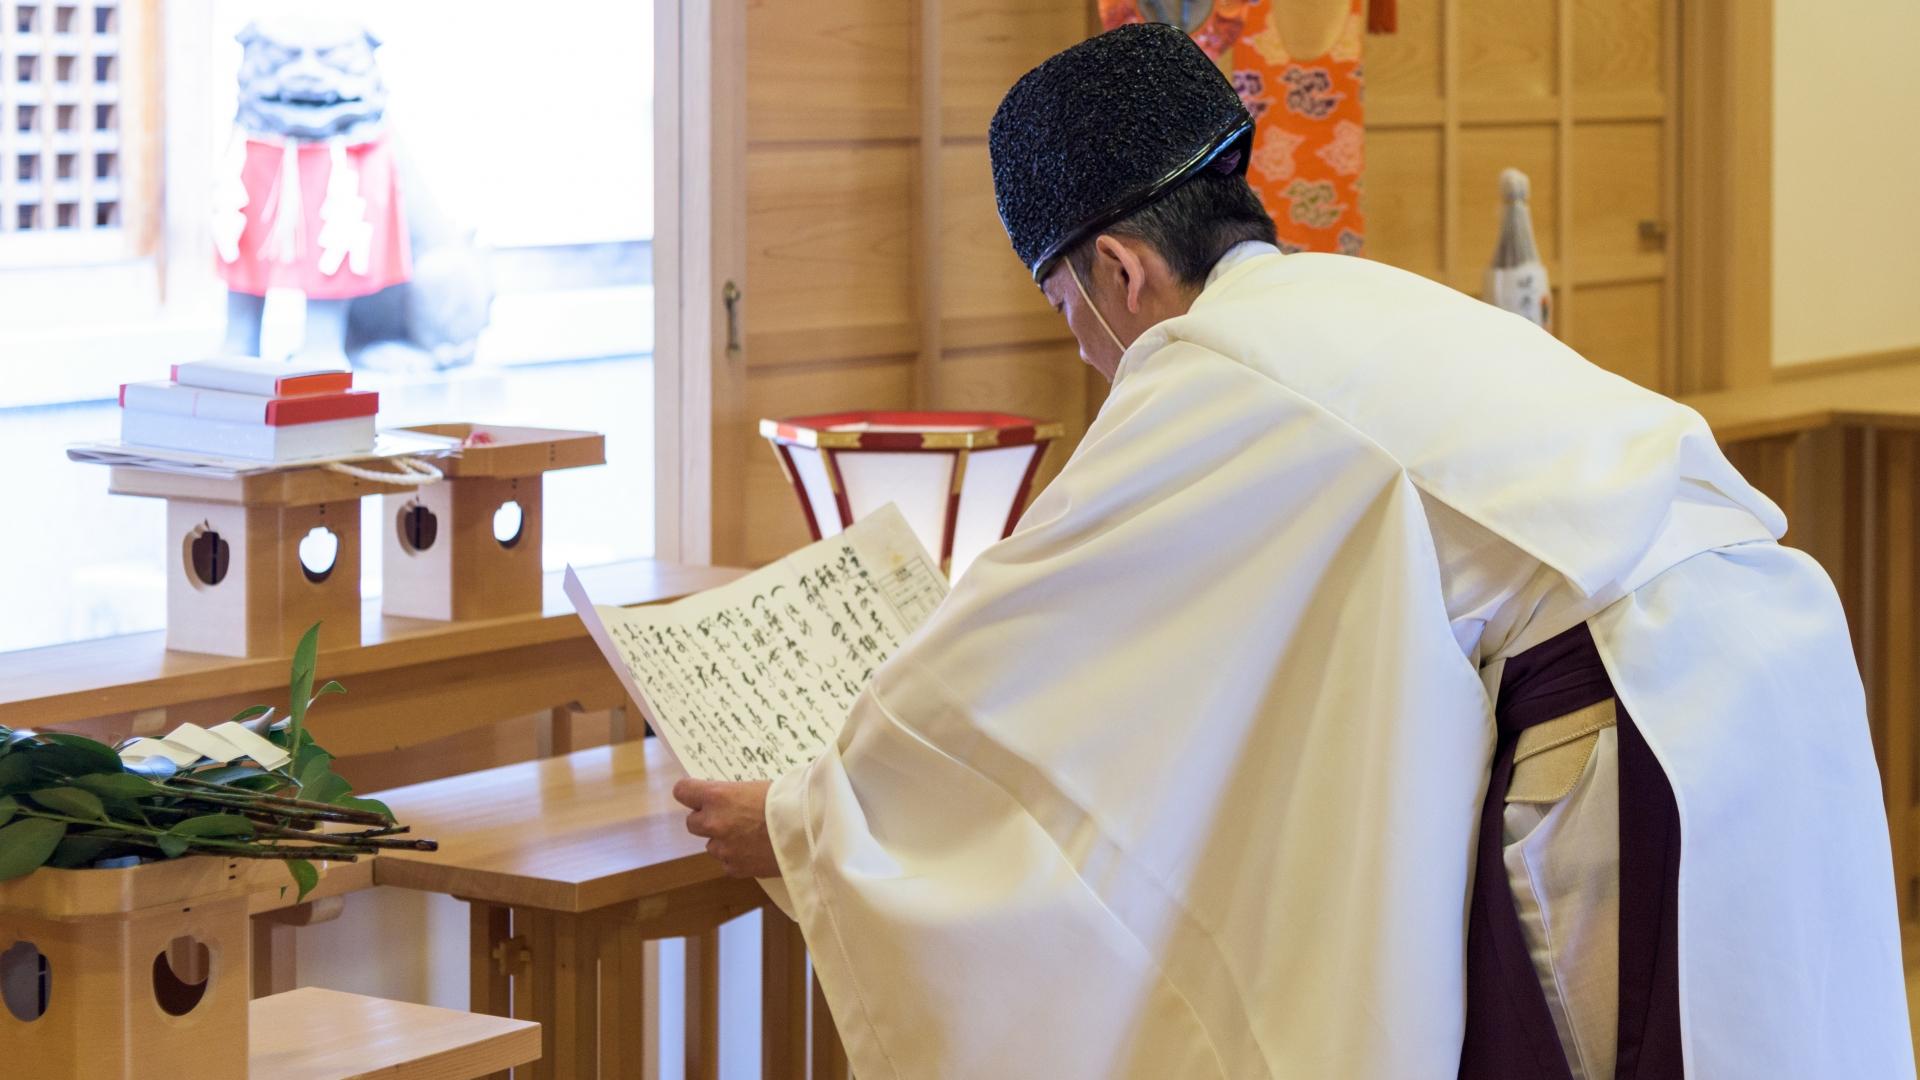 上川神社は初詣や厄払いで訪れる方も多いパワースポット!お守りや御朱印は?